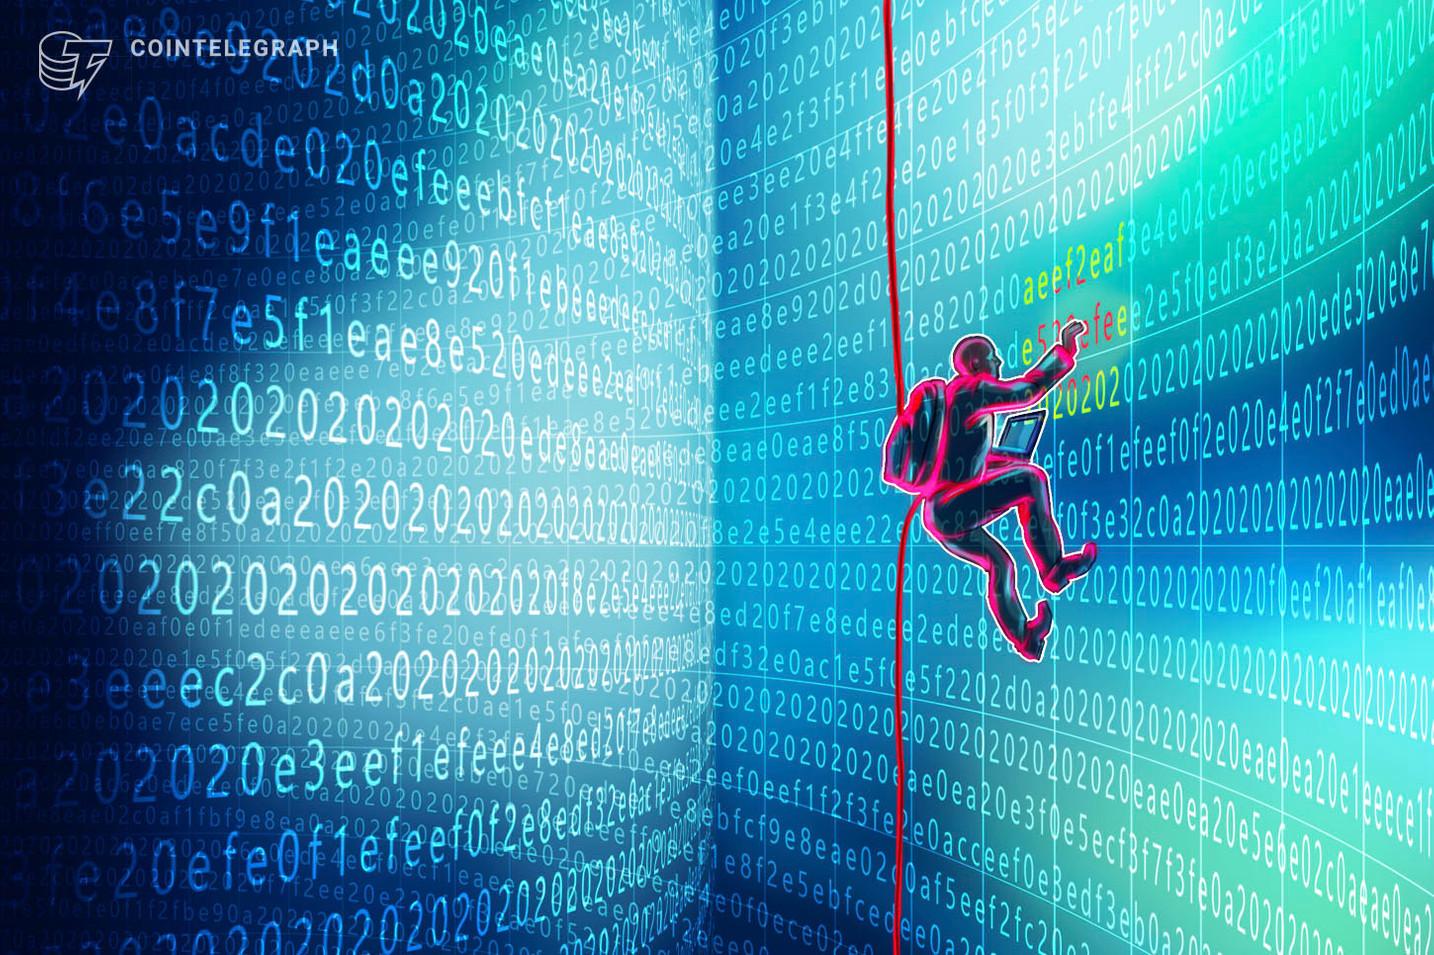 Bitpoint, el exchange hackeado, encuentra USD 2.3 millones en criptos robadas